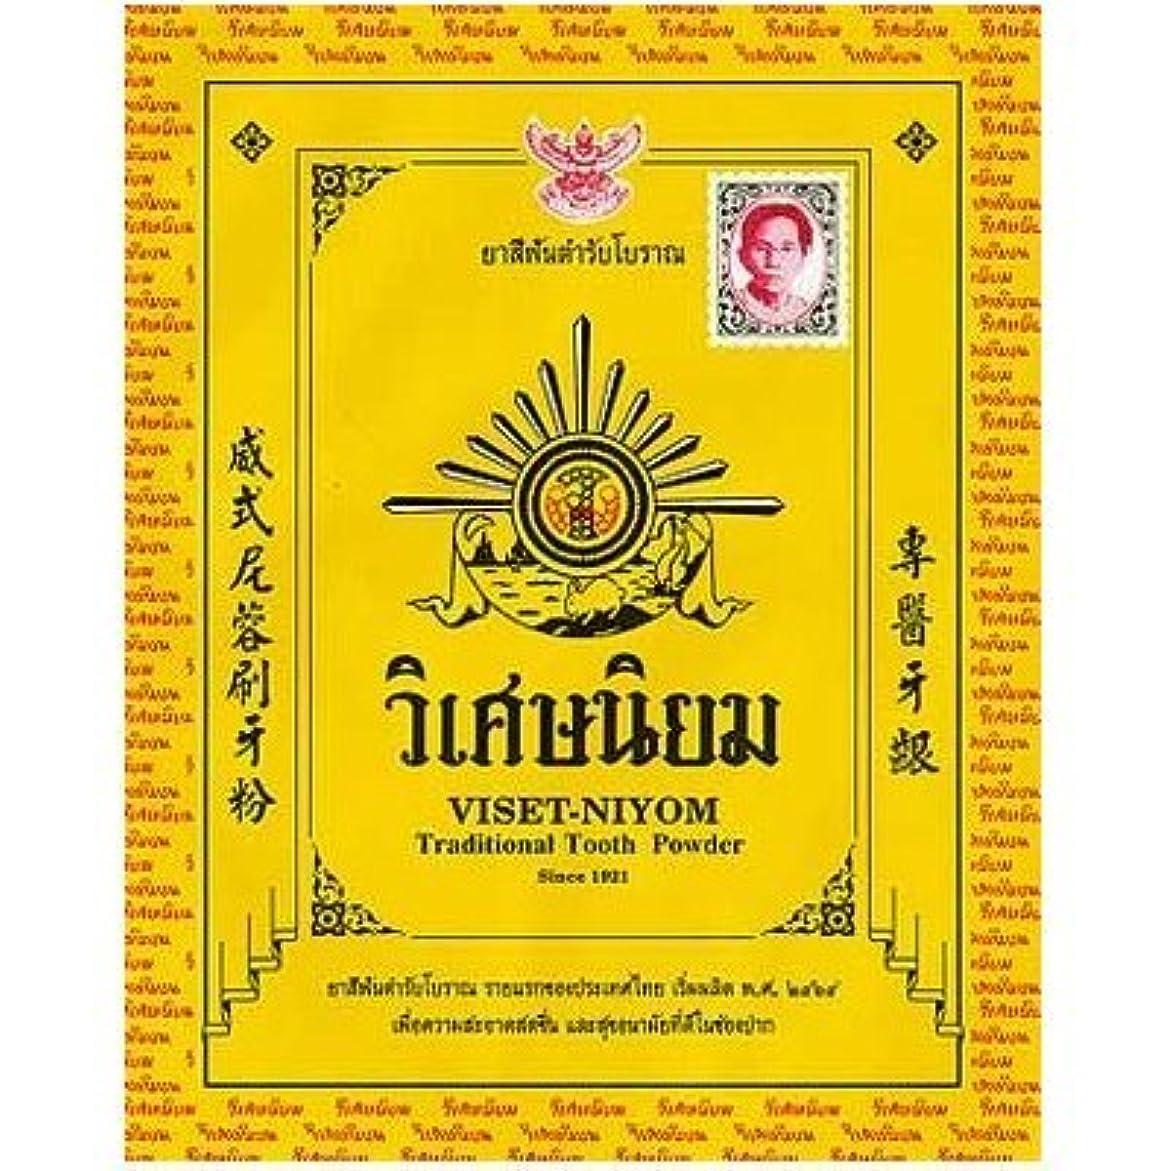 祖母艦隊第Thai Herbal Whitening Tooth Powder Original Thai Traditional Toothpaste 40 G. by Tooth Powder